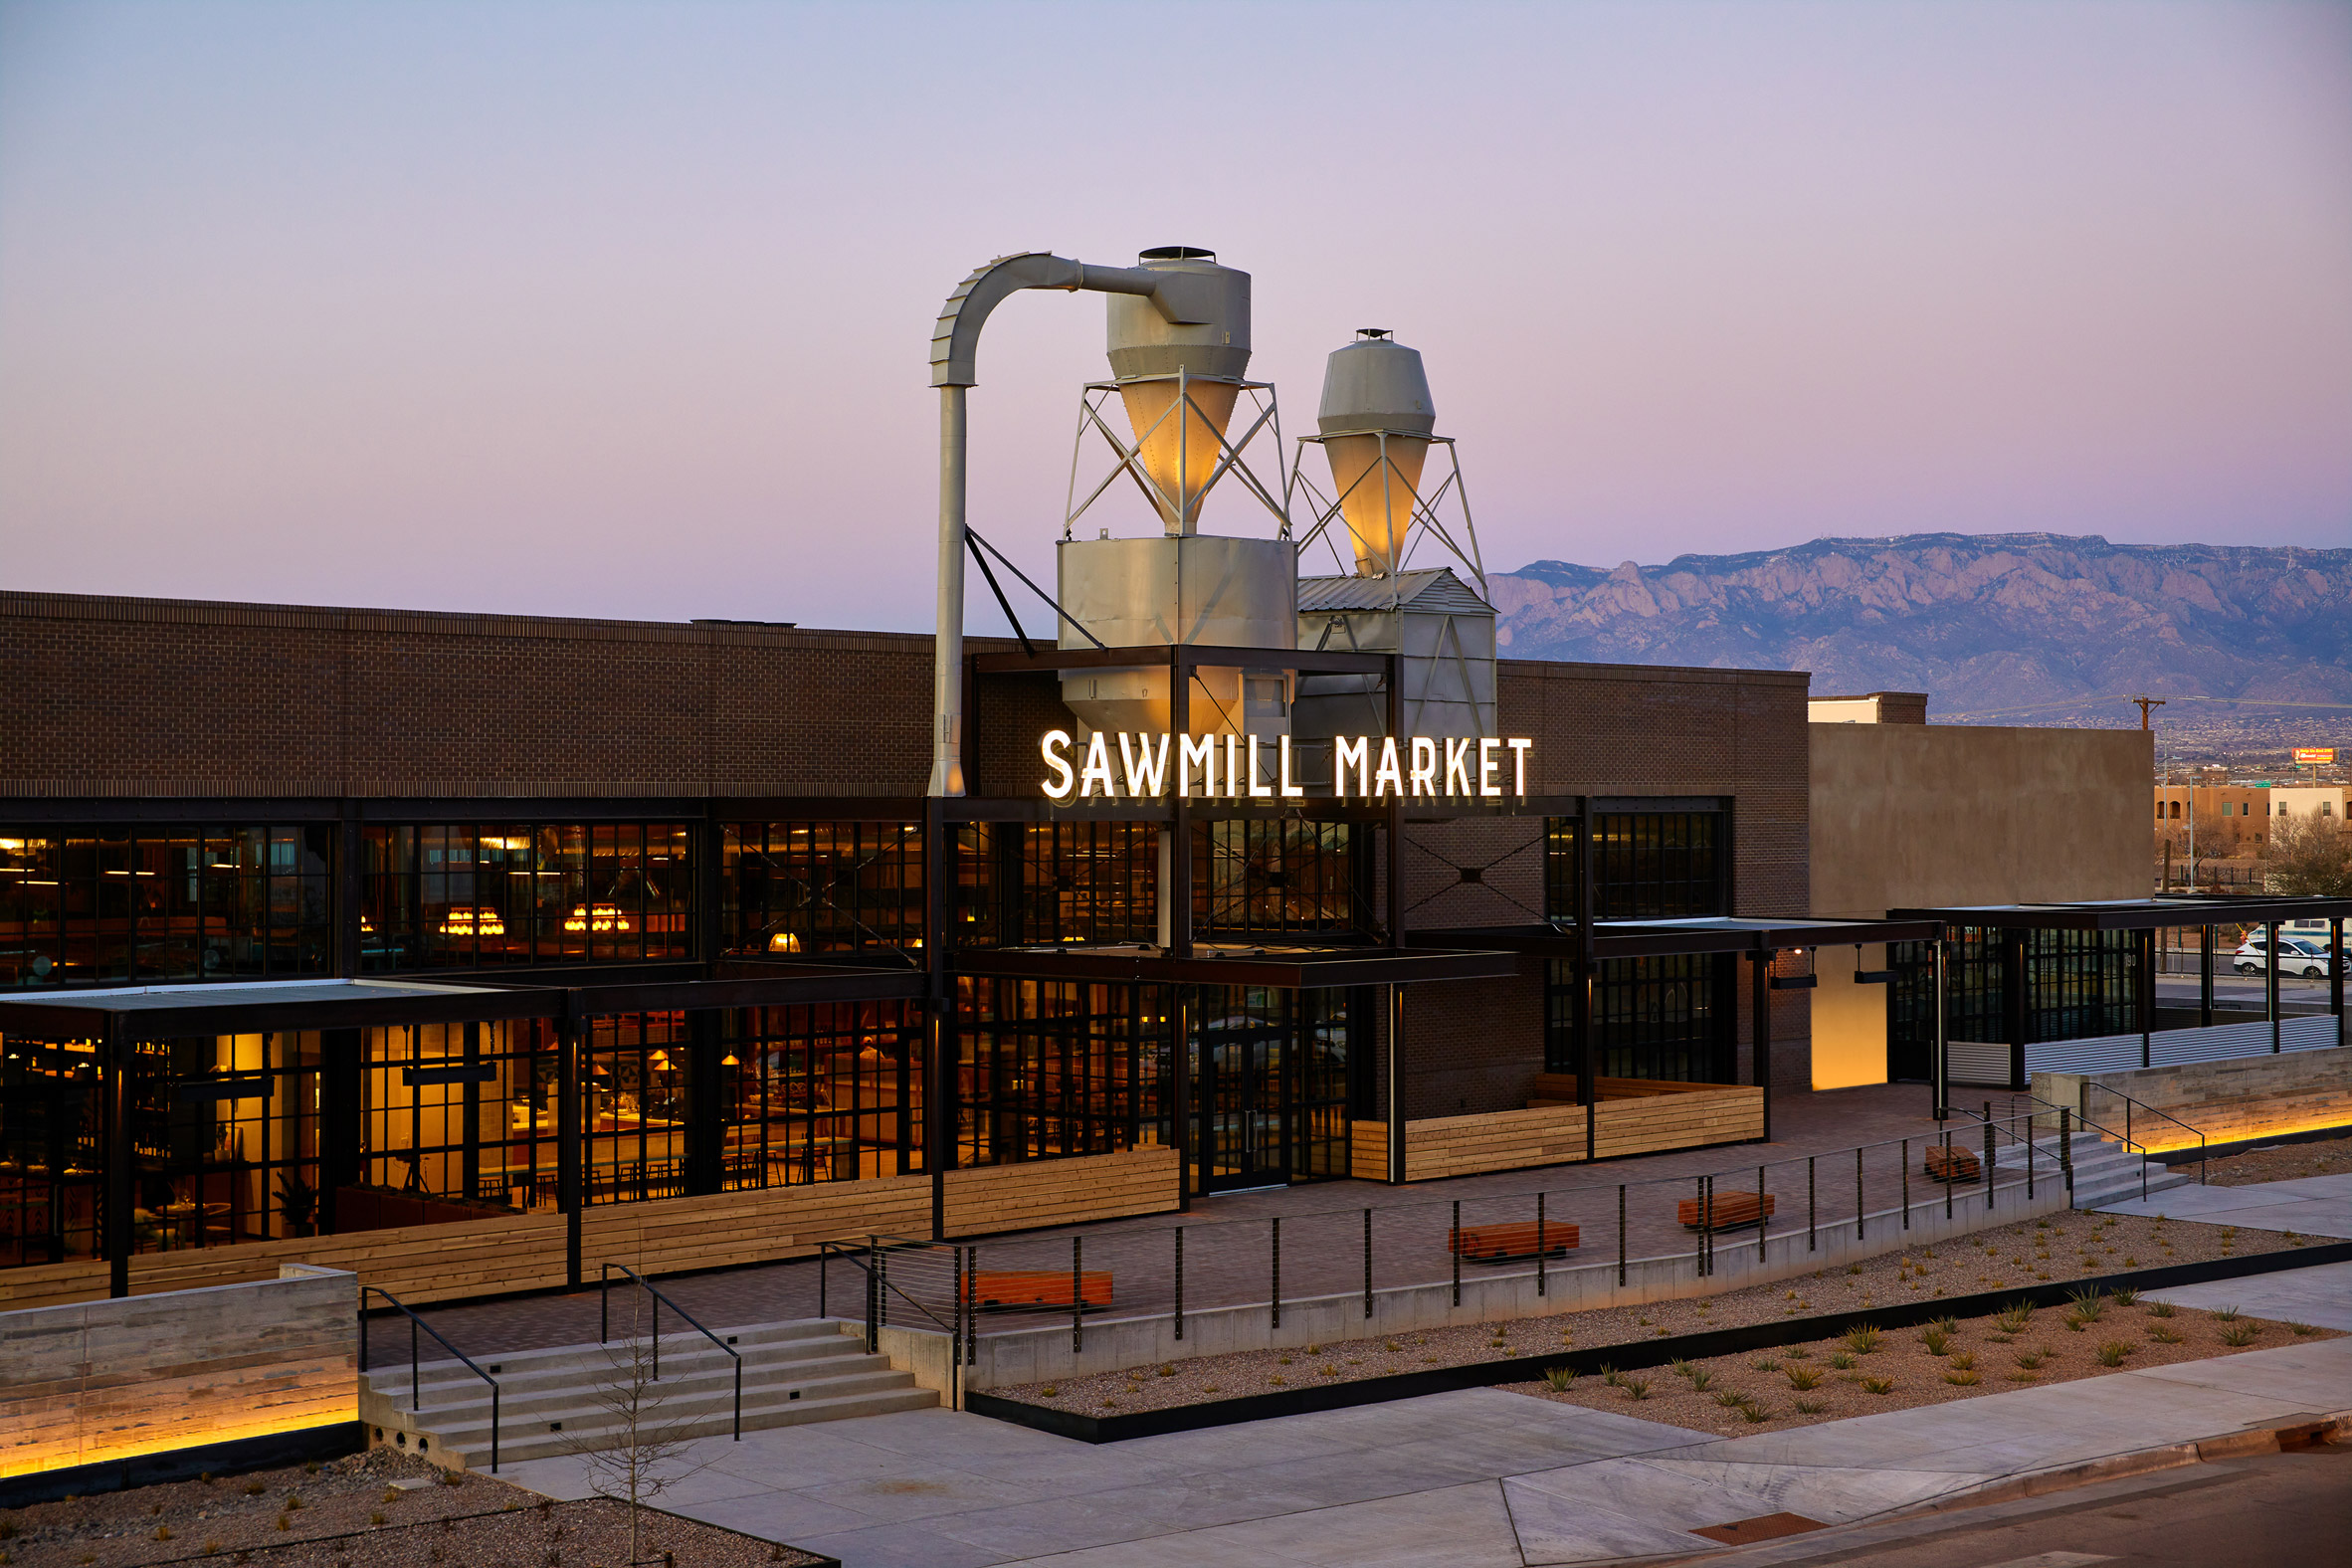 Sawmill Market by Islyn Studio